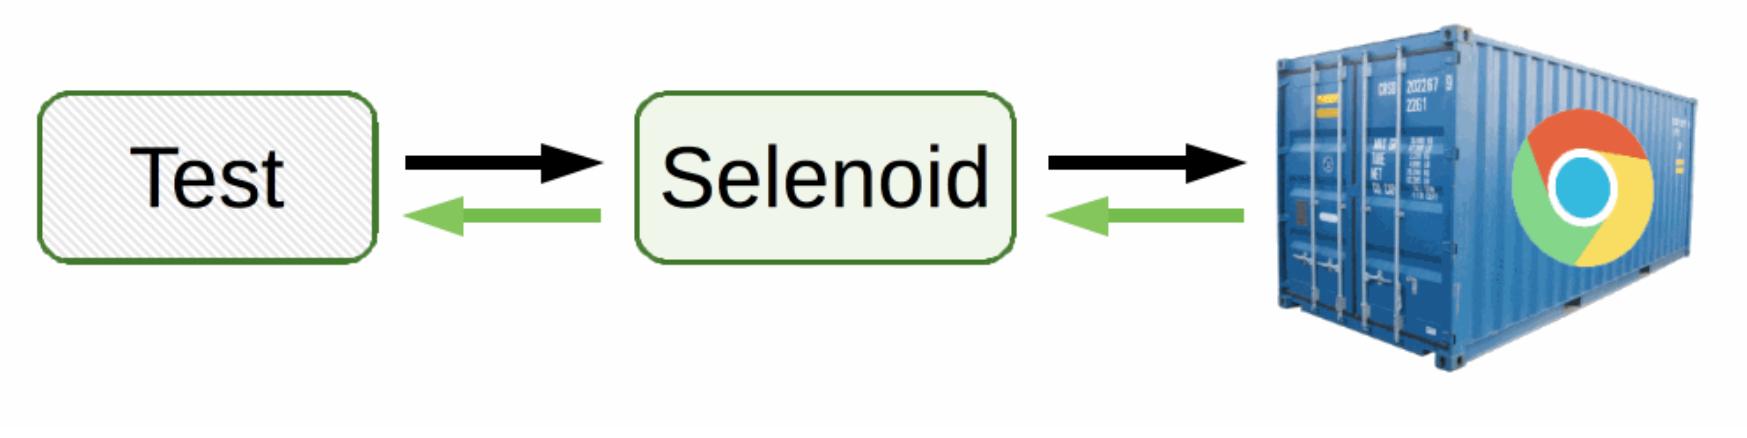 test-selenoid-docker-selenium-flow